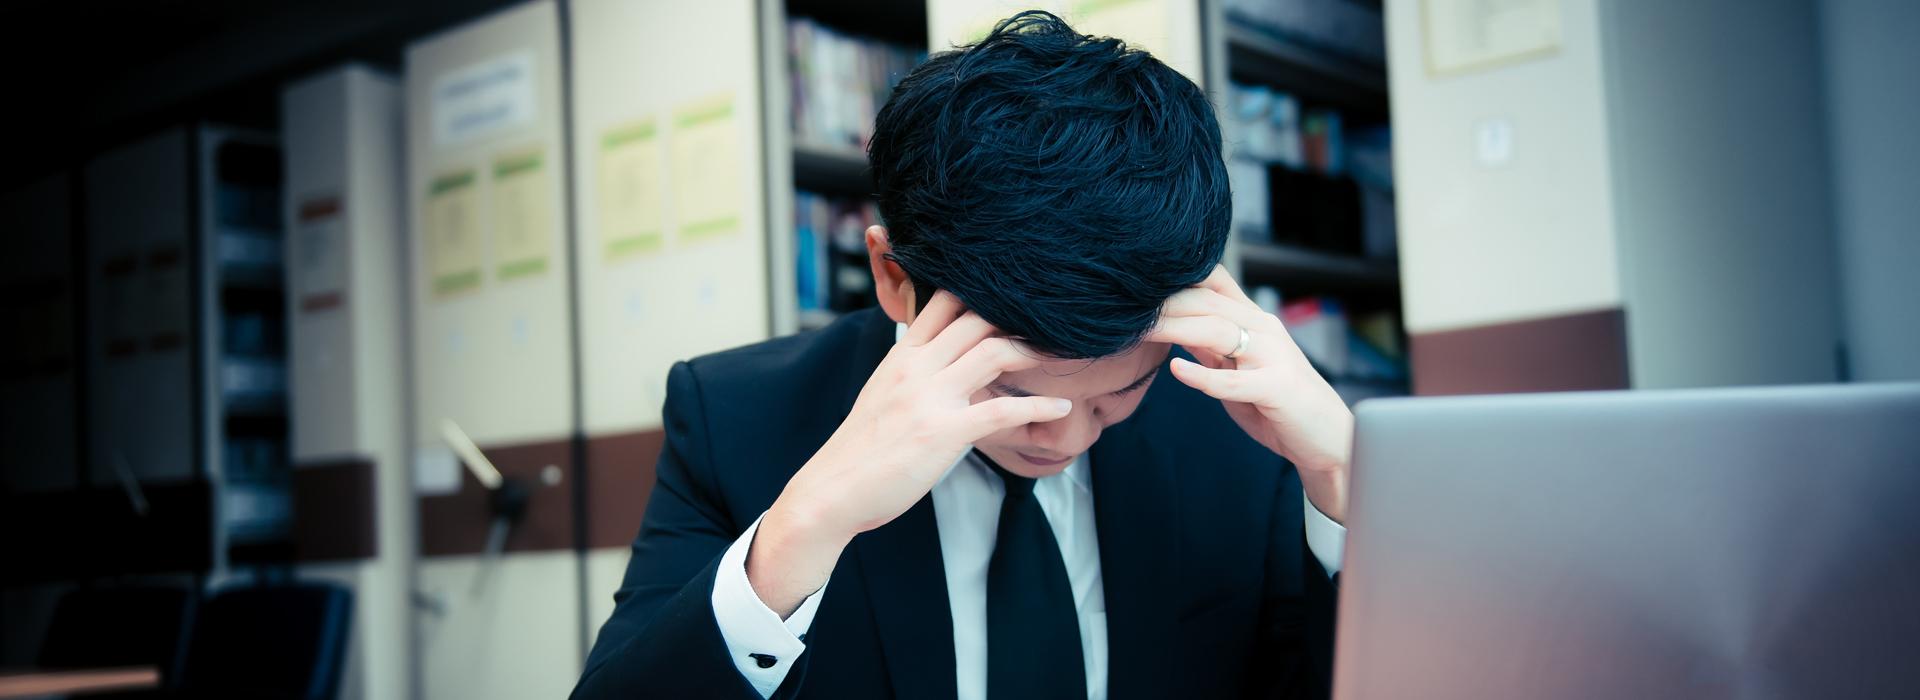 懂得計算「情緒成本」 才不會勞心又勞力